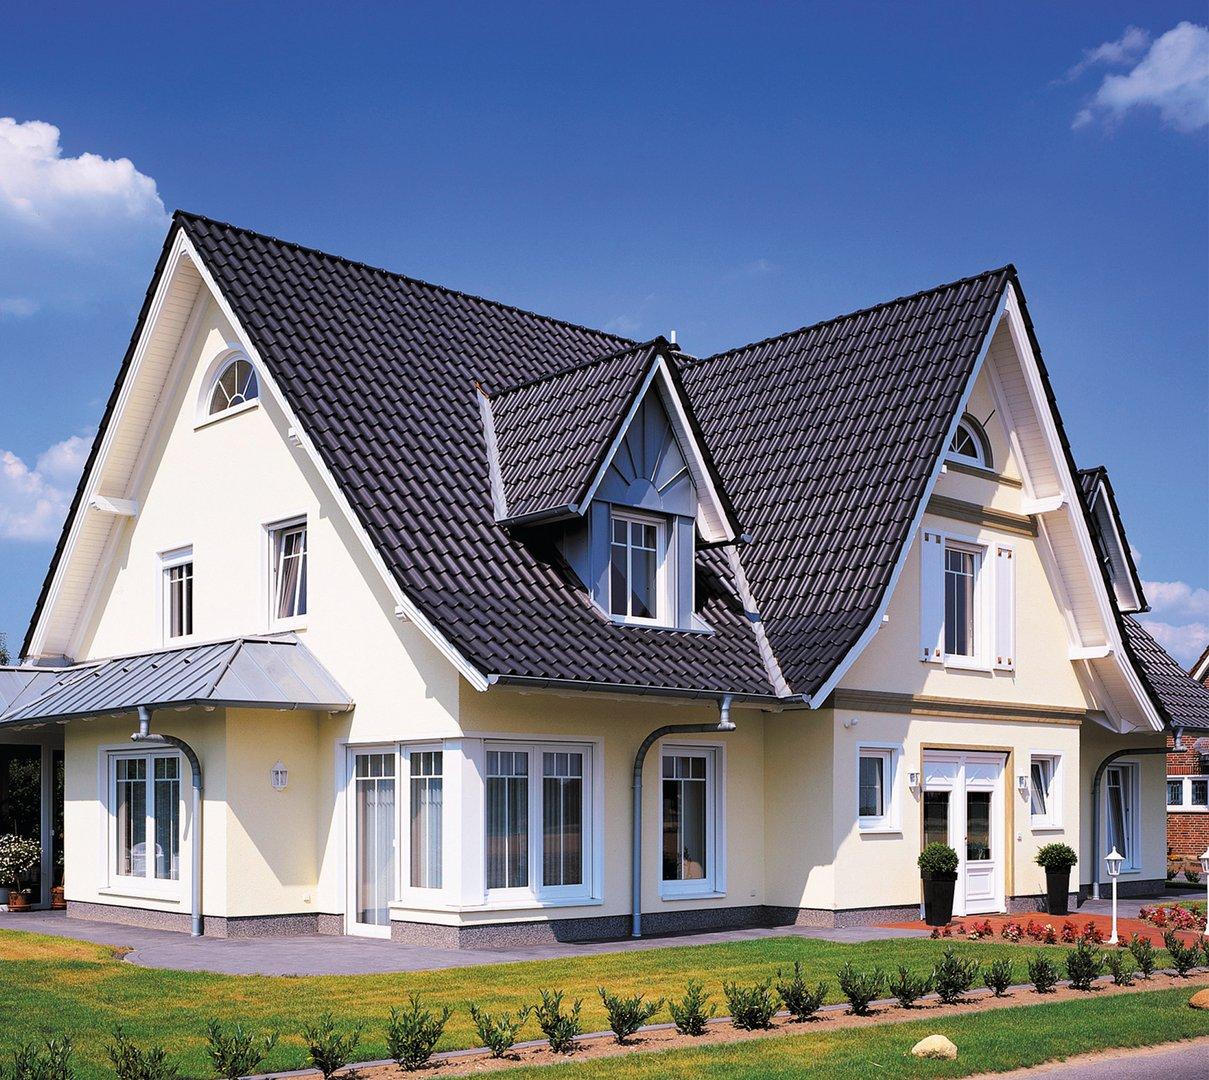 Energieeinsparung, Einbruchschutz Und Schalldämmung Lassen Sich Problemlos  Und Beliebig Kombinieren.